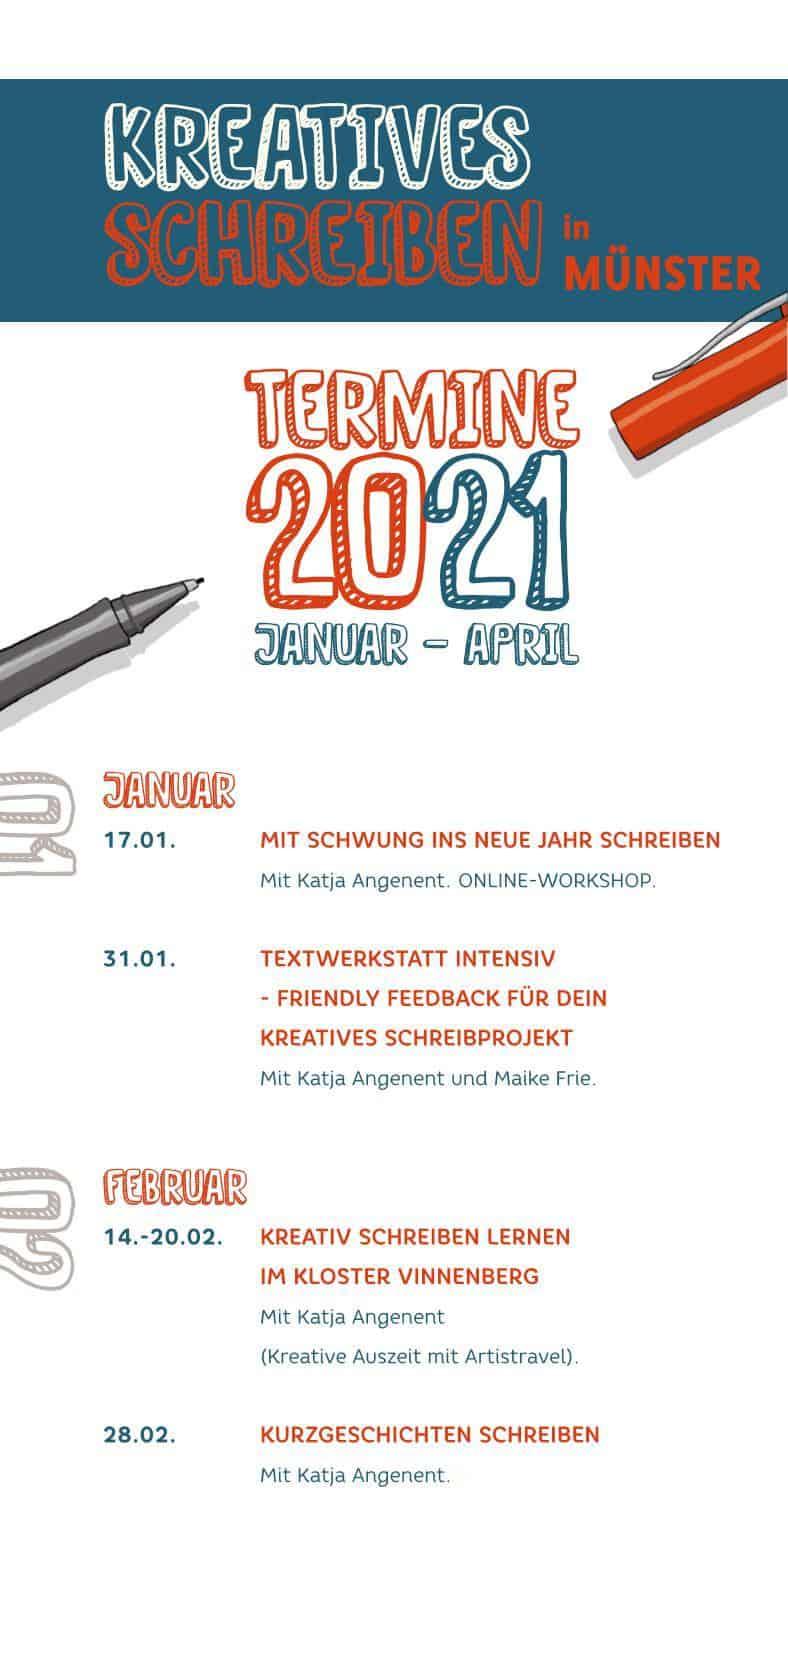 Termine-Kreatives-Schreiben-Münsters-Schreibwerkstatt-2021